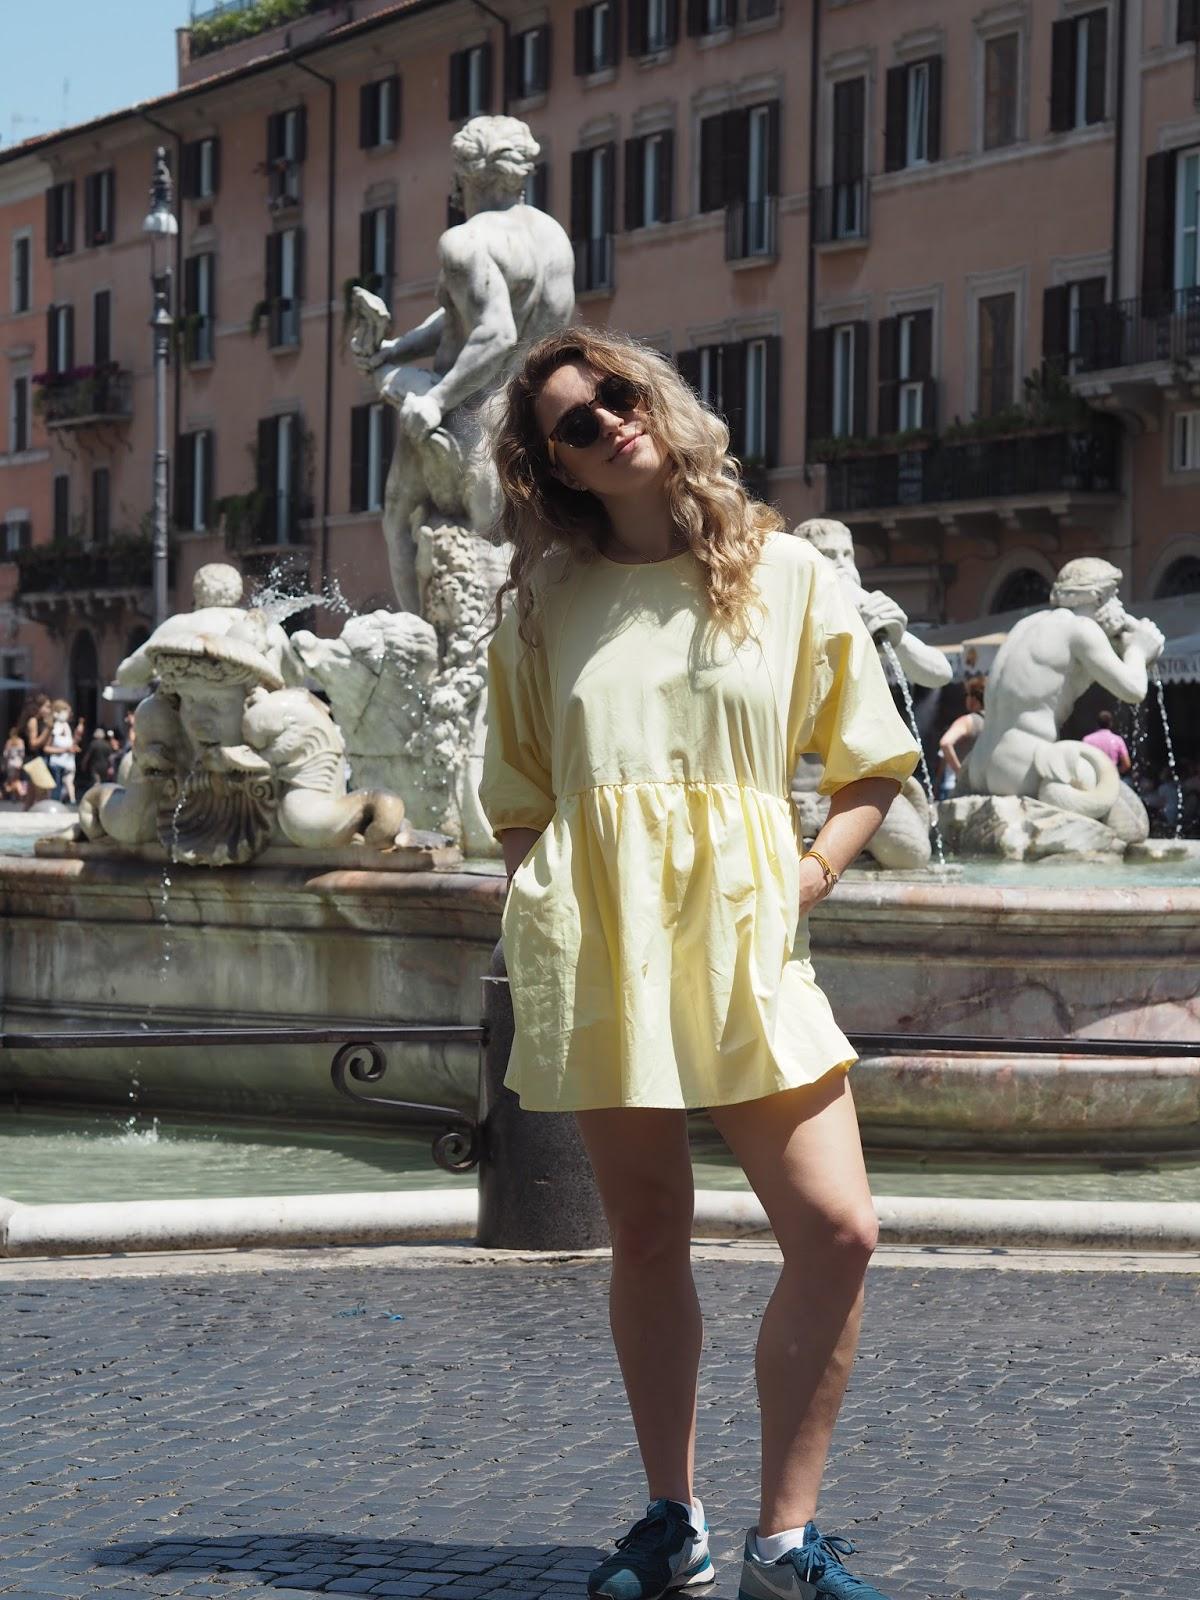 E.K.W. Girl in Yellow, Rome